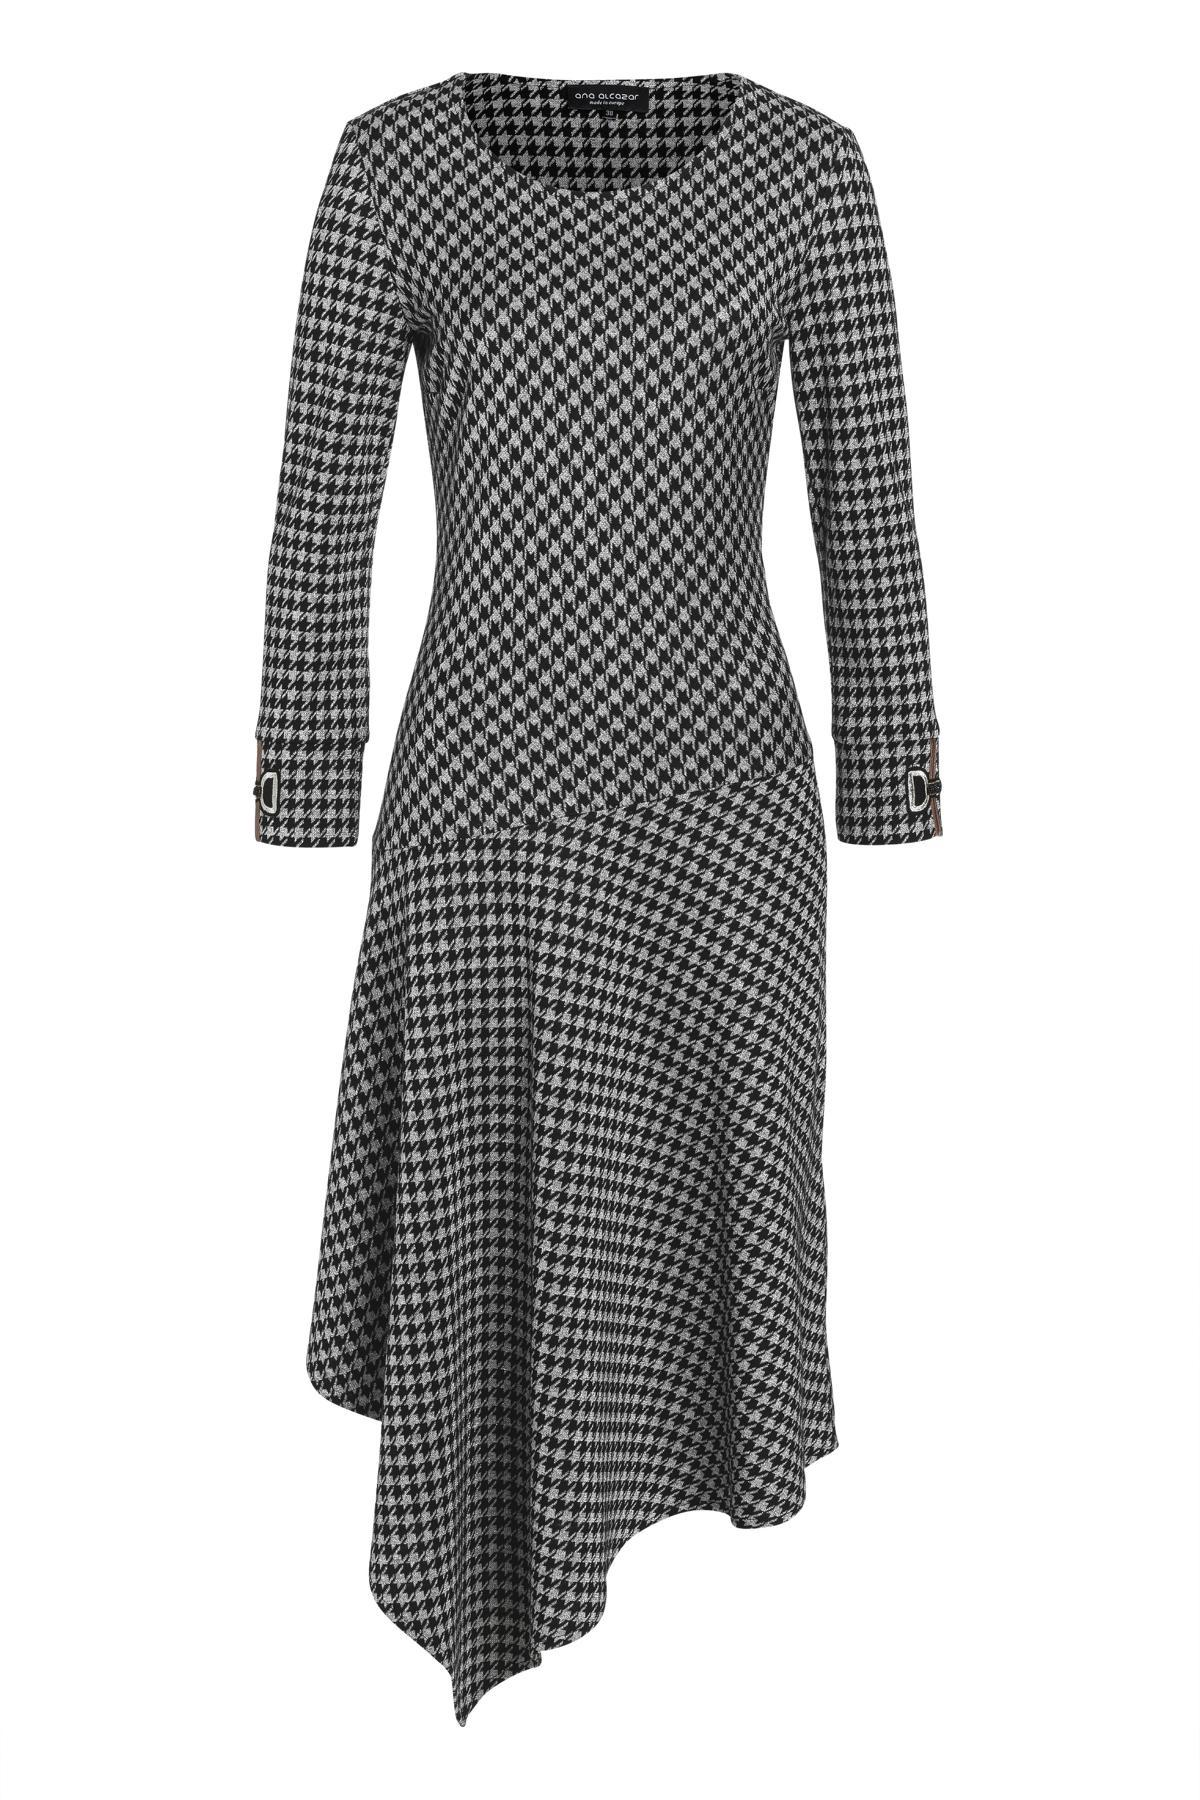 Asymmetrisches Kleid Velsora in Schwarz-Weiß mit Hahnentritt  Ana Alcazar